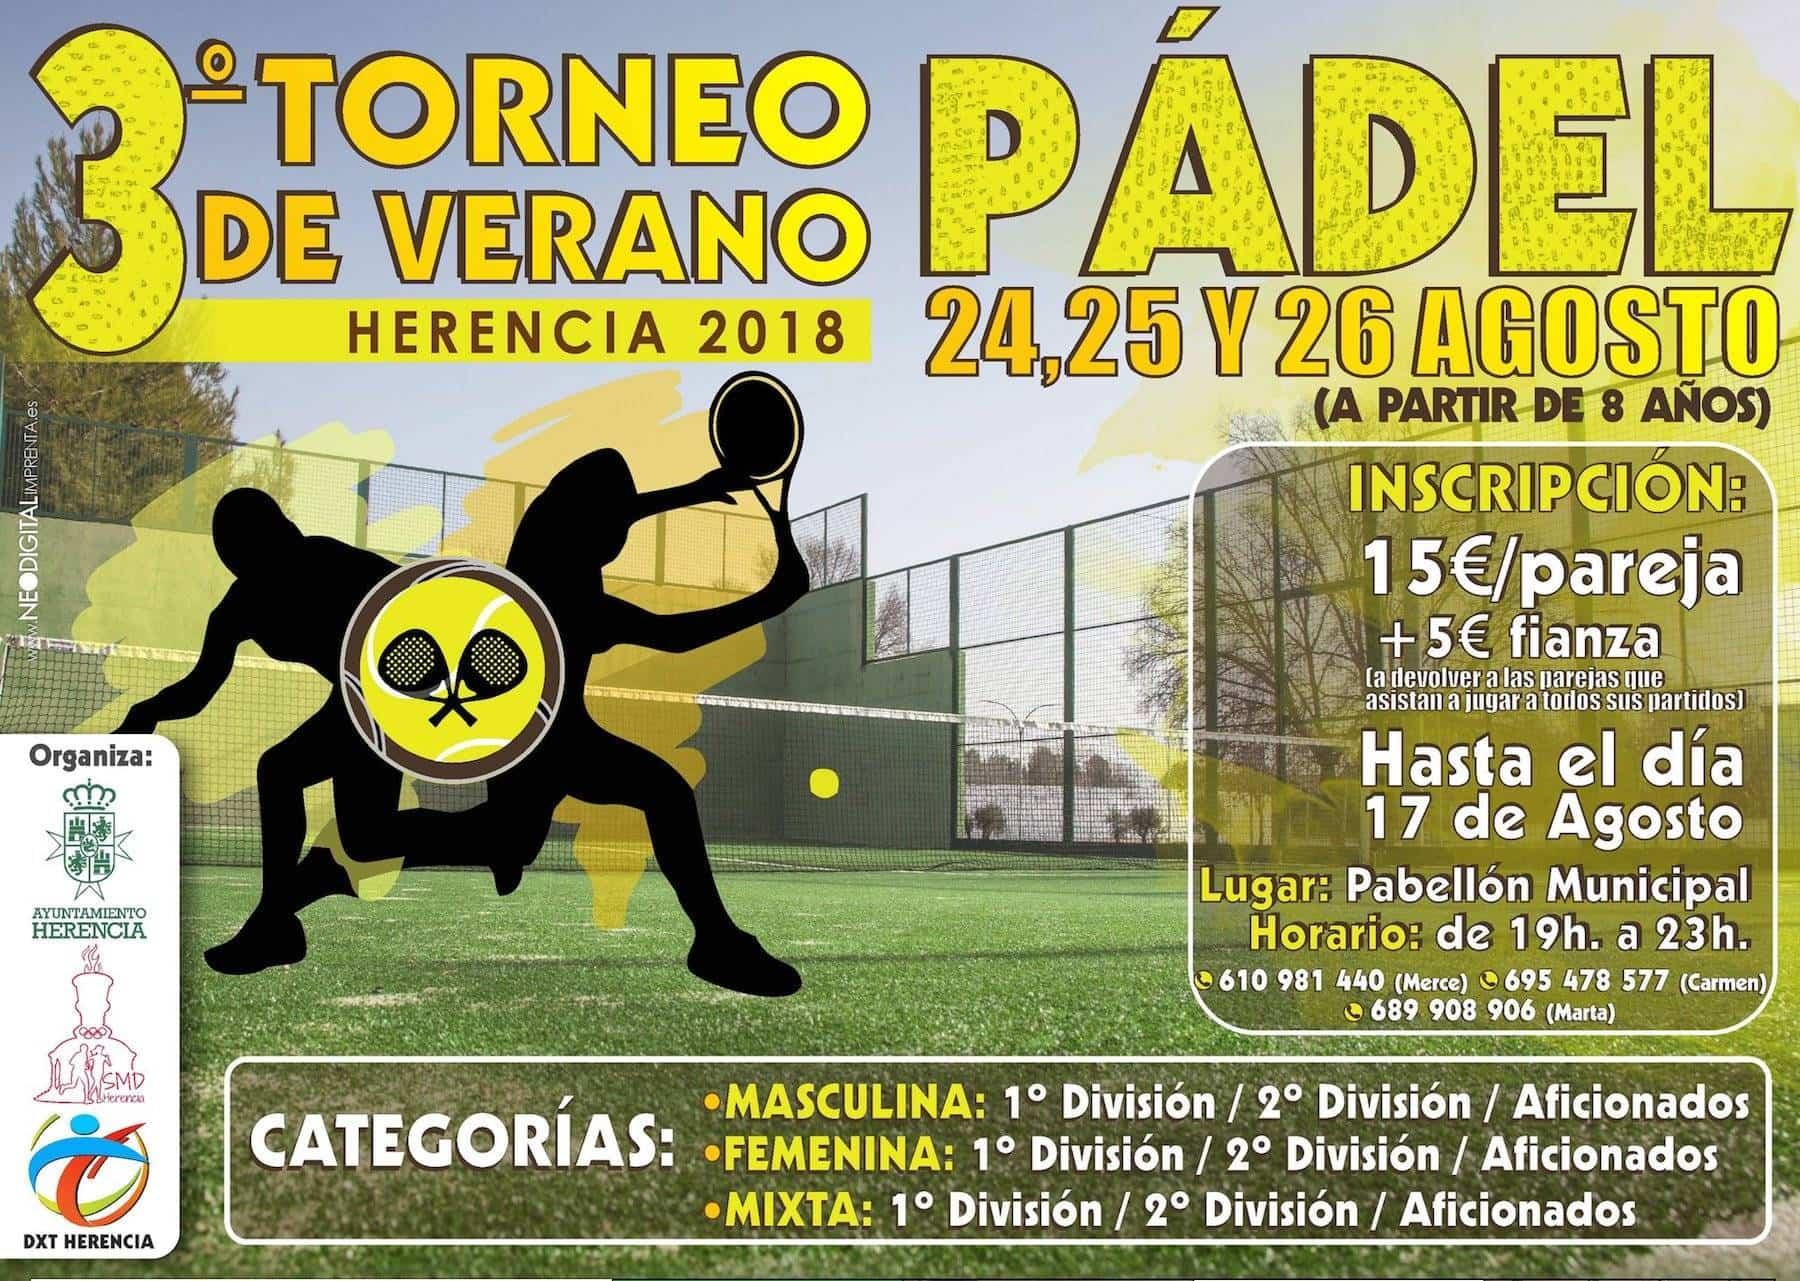 3 torneo de padel verano herencia - Tercer Torneo de Pádel de Verano 2018 en Herencia